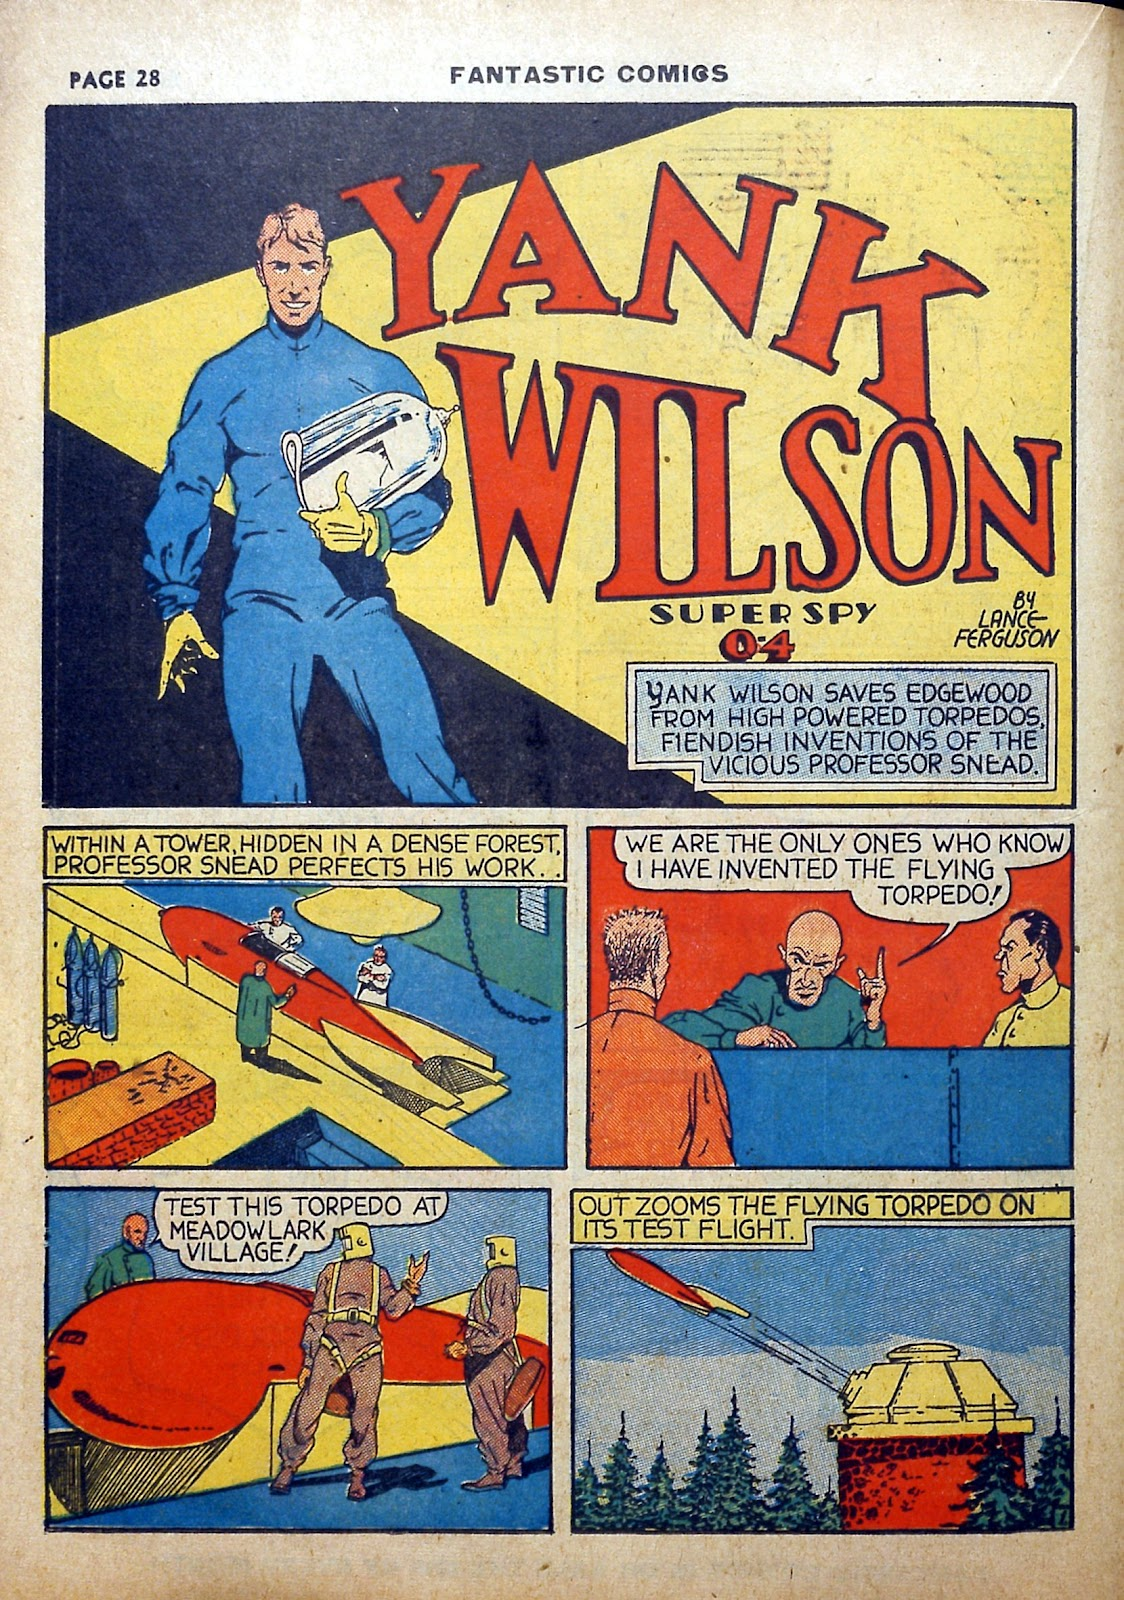 Read online Fantastic Comics comic -  Issue #5 - 29